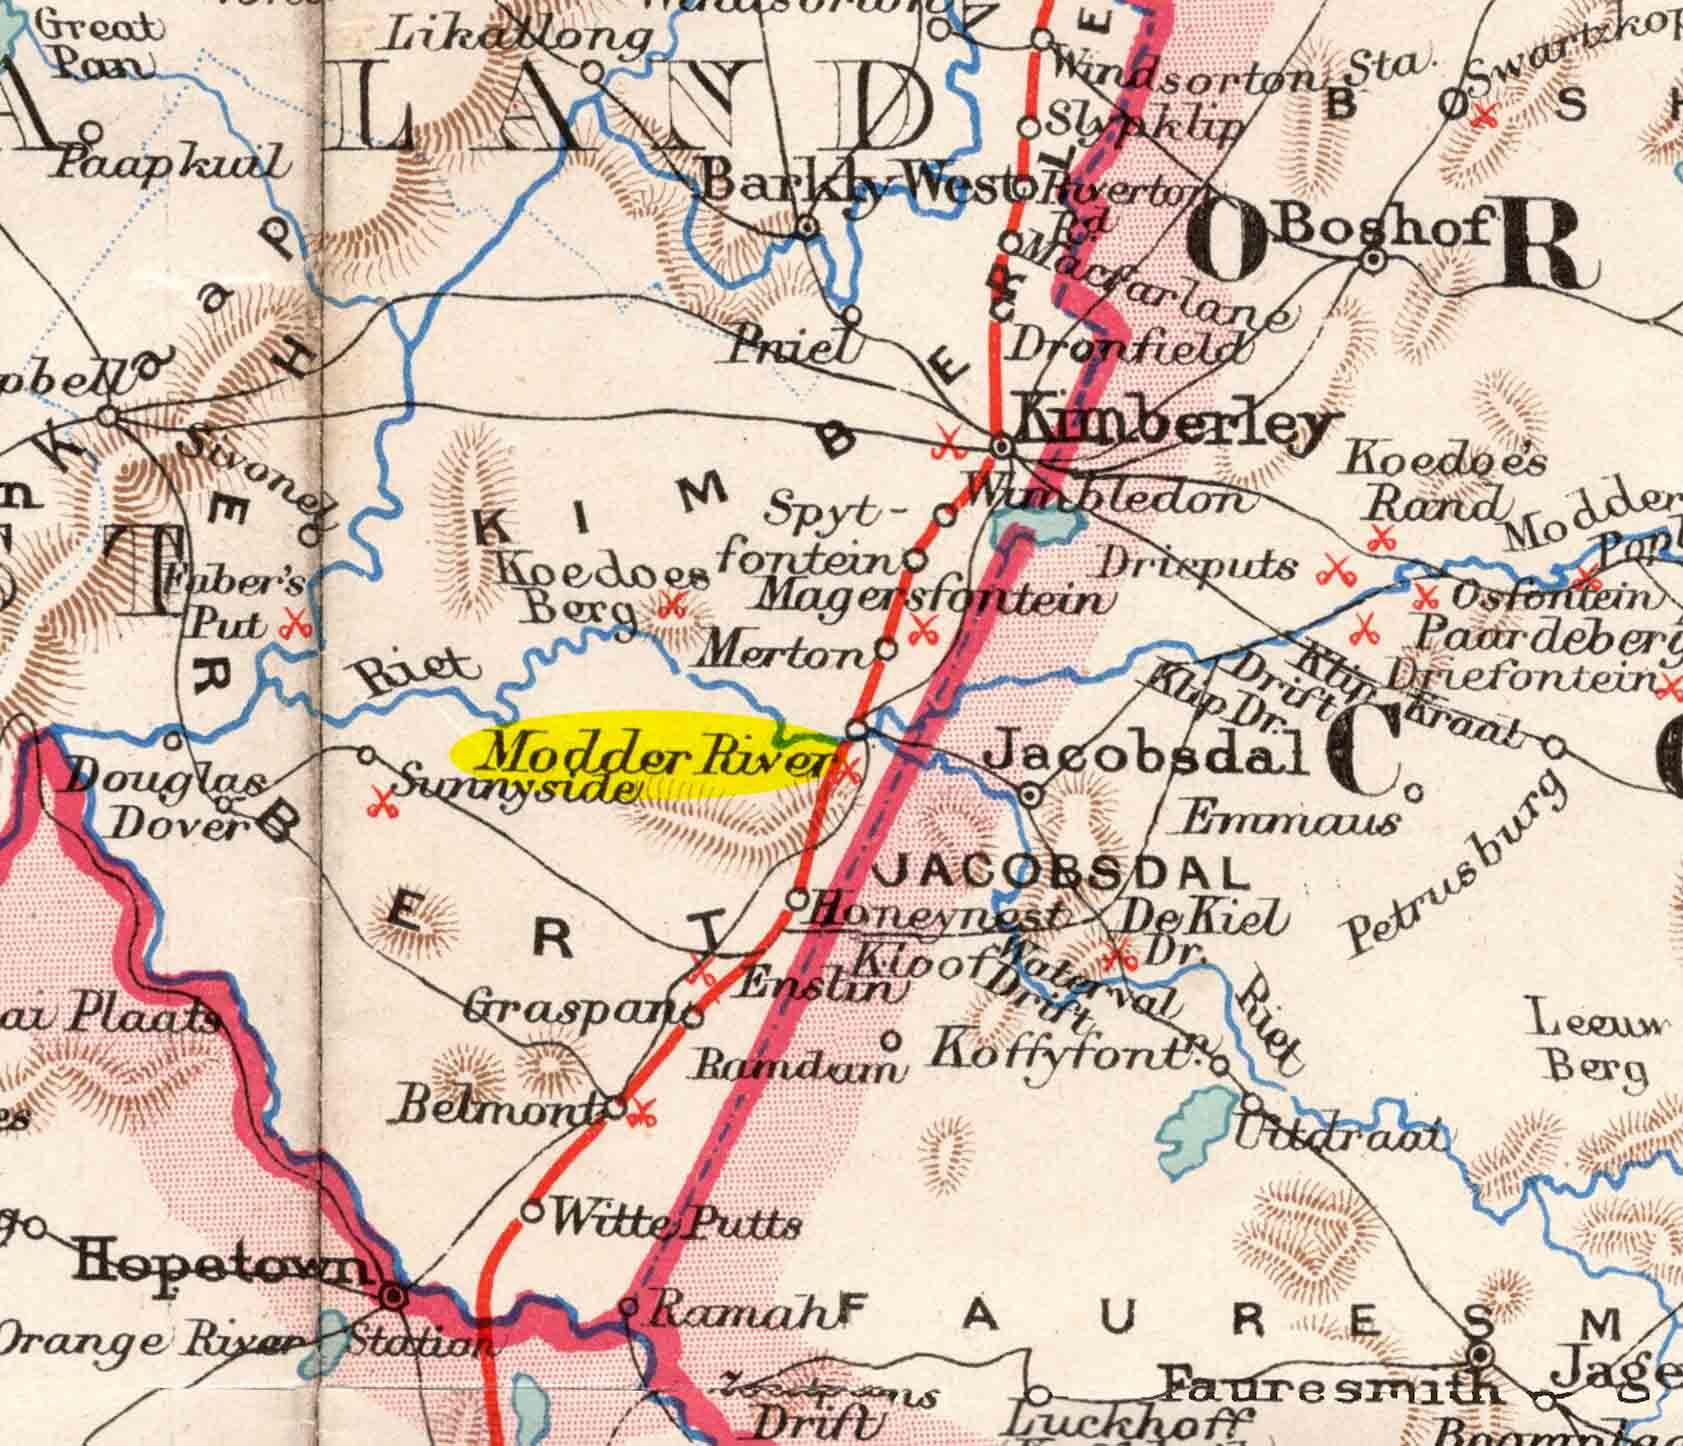 map_ModderRiver.jpg